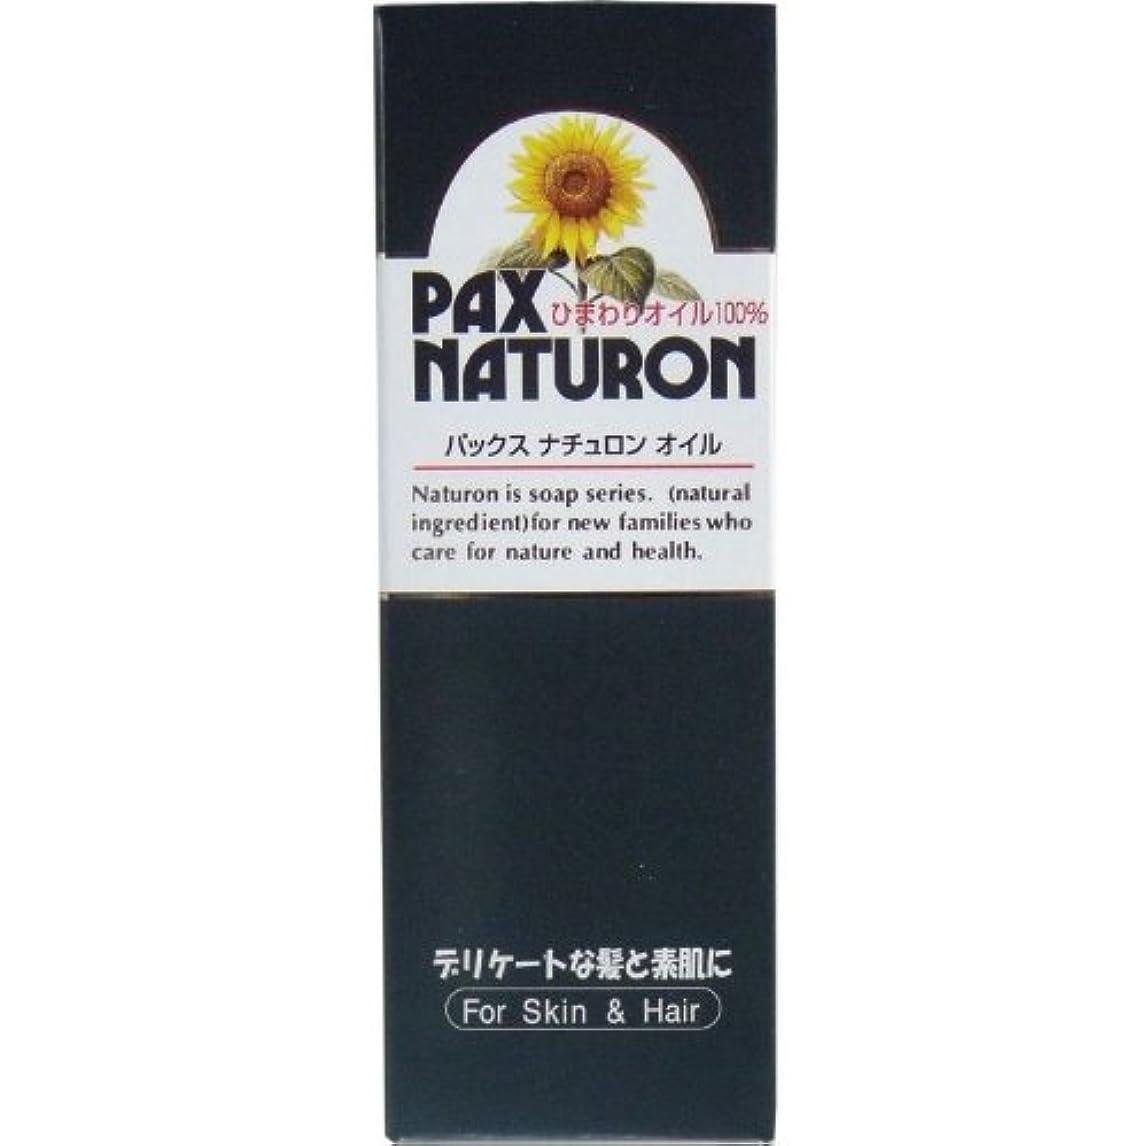 パンフレット芽めるデリケートな髪と素肌に!ひまわりの種子から採った ハイオレイックひまわり油 60mL【2個セット】